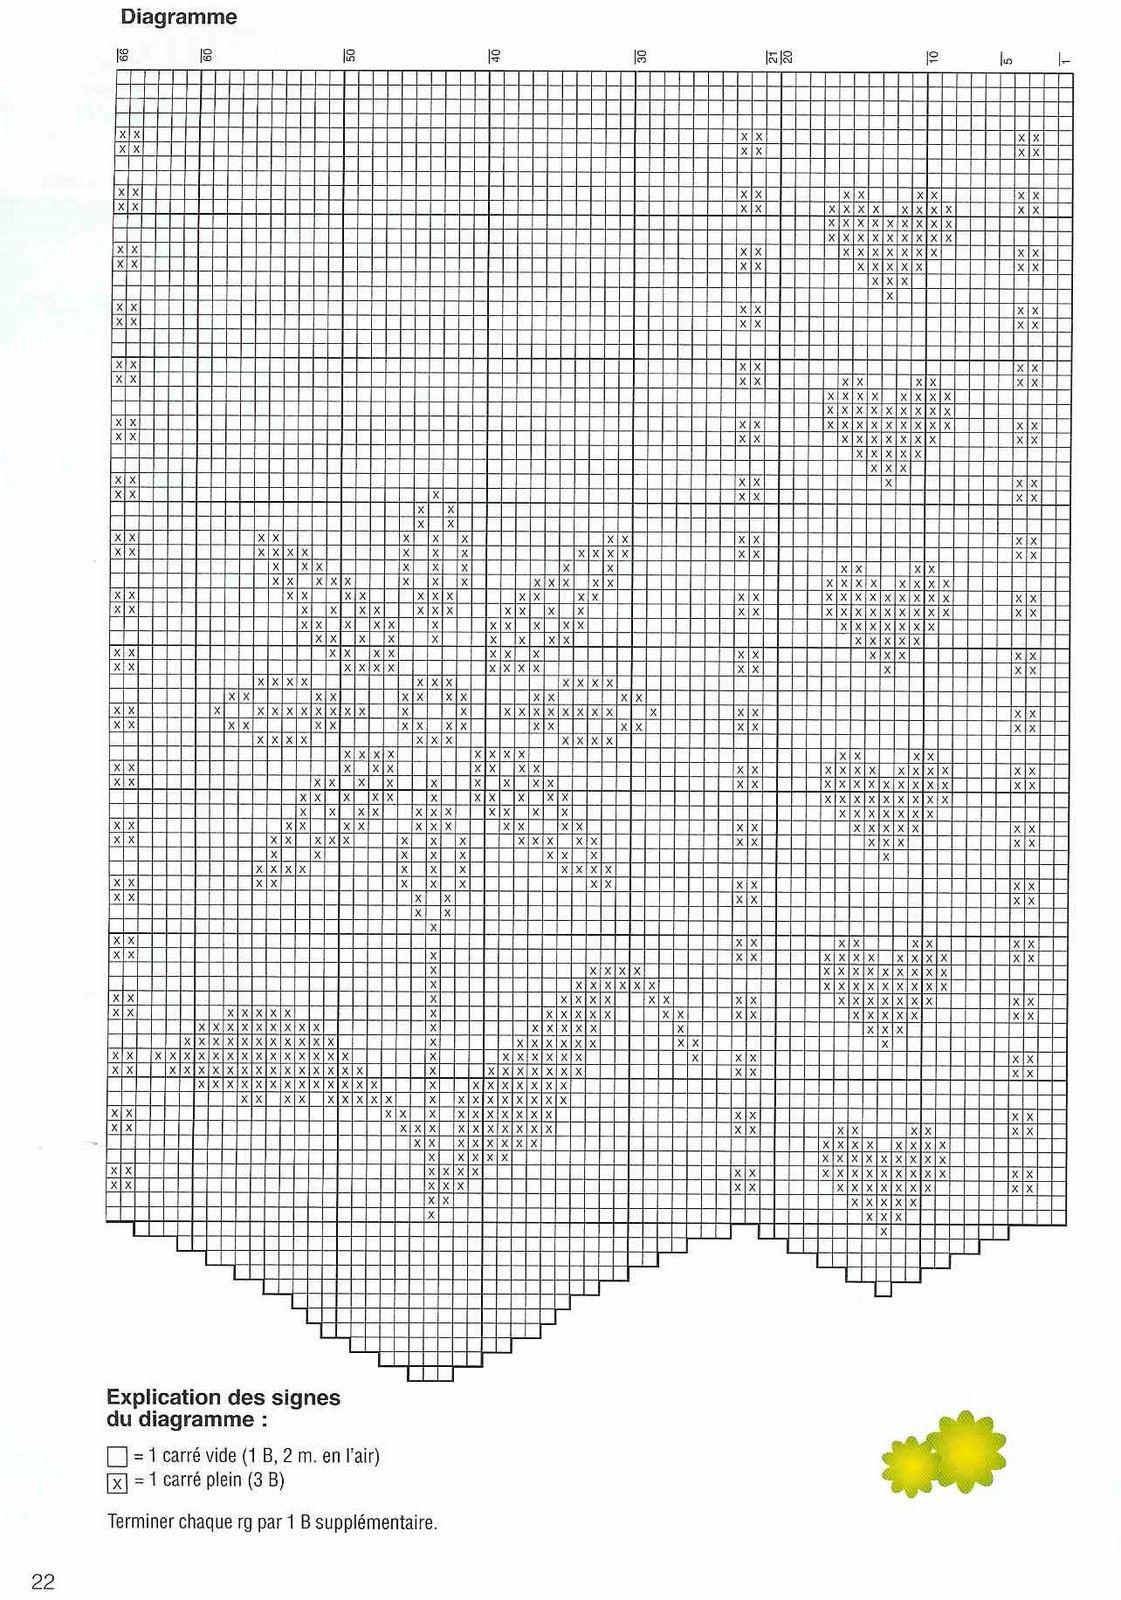 tenda filet margherite cuoricini (2) - magiedifilo.it punto croce uncinetto  schemi gratis hobby creativi 0da31338affb